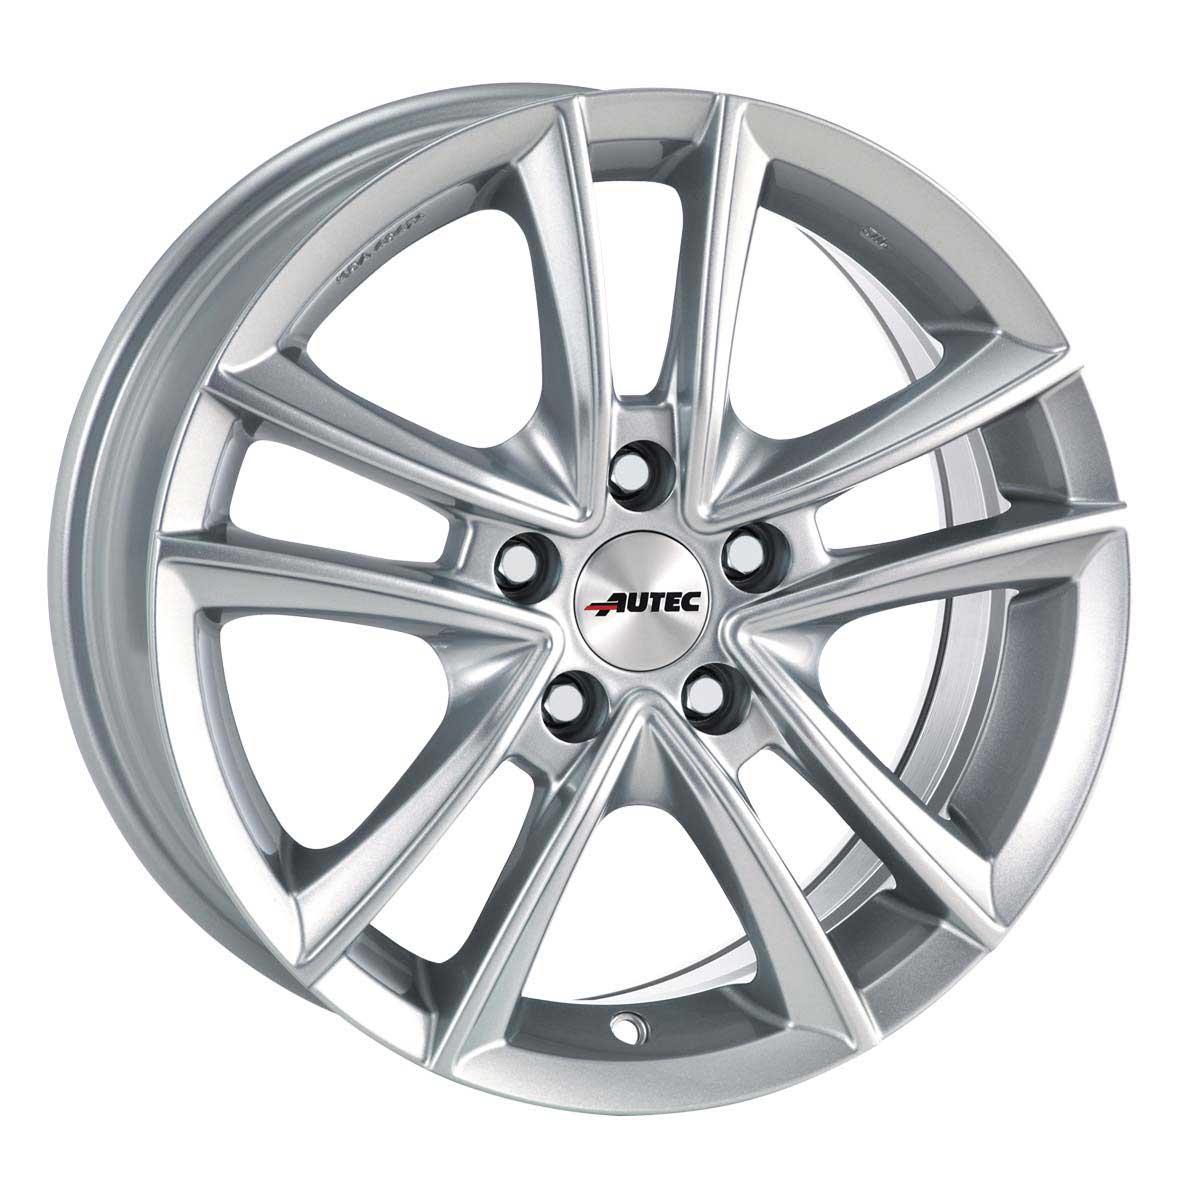 Jantes Autec YUCON 6.5x15 ET45 5x114,3 SIL pour Nissan Almera